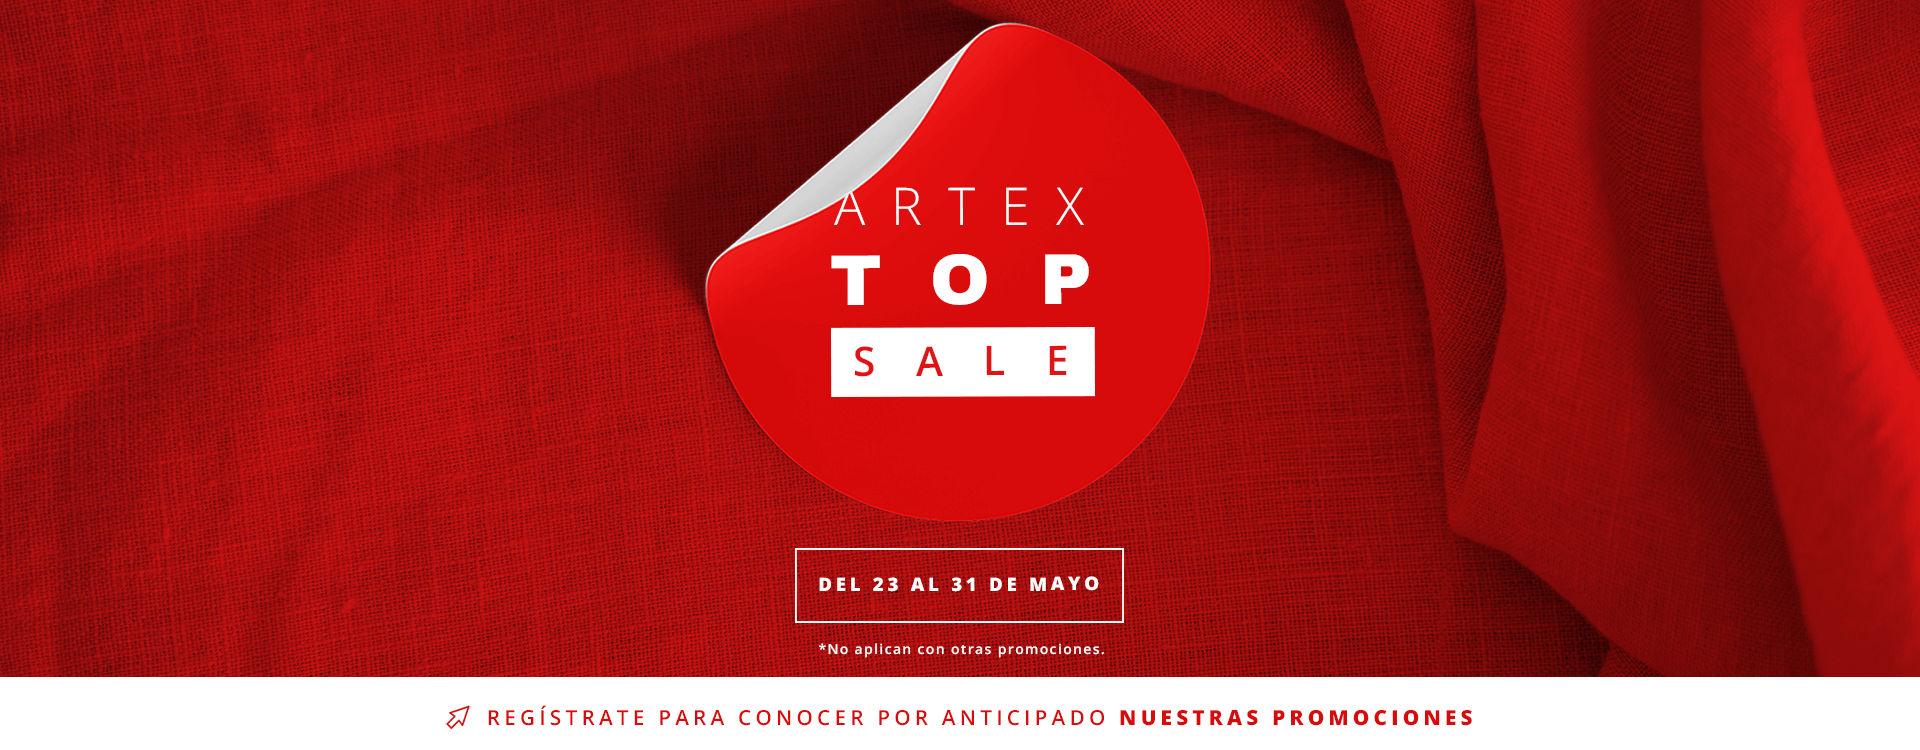 muebles-artex-topsale-banner-desktop